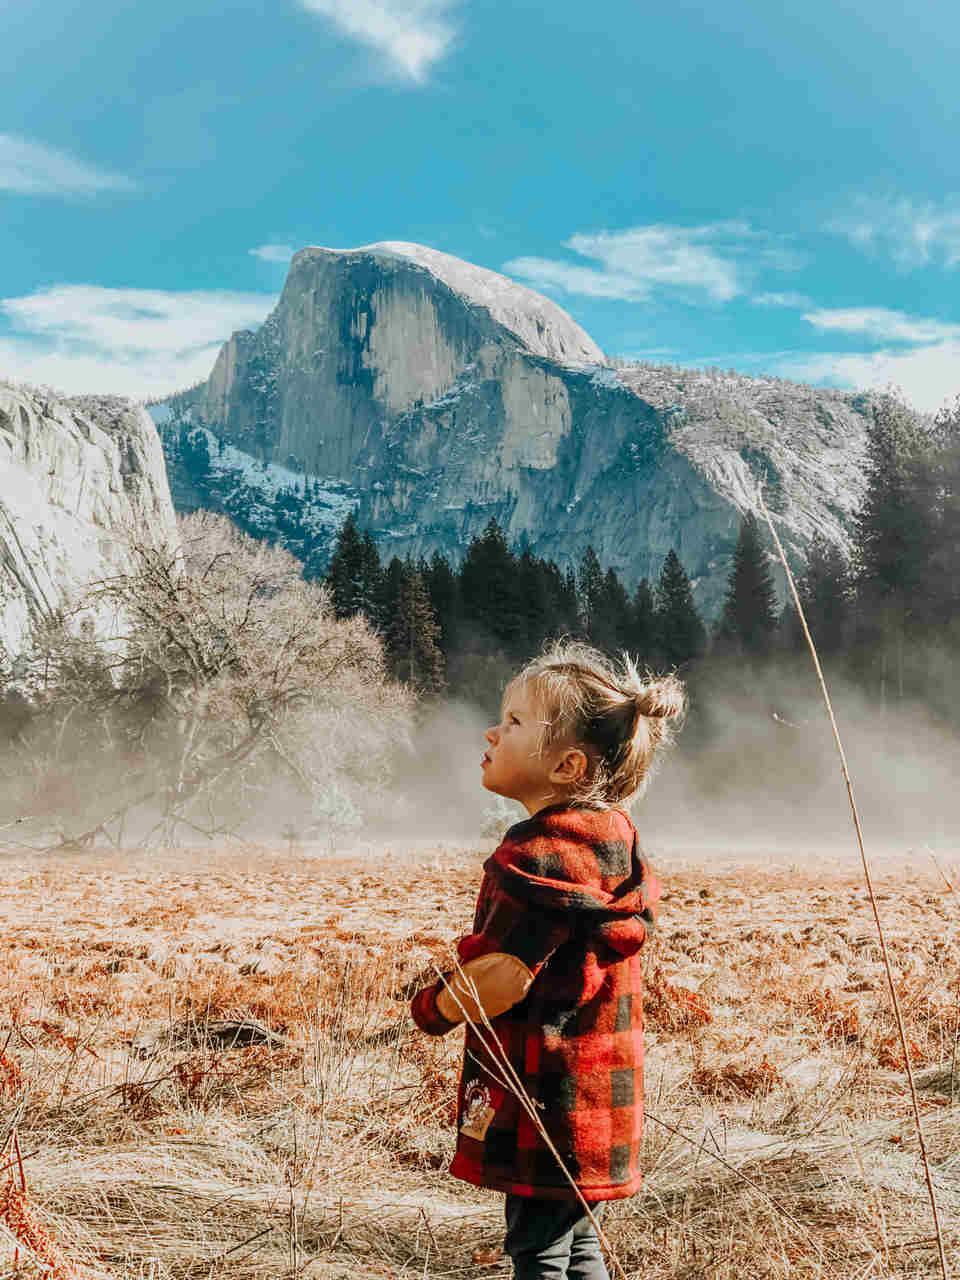 Menina a olhar o céu com uma montanha em fundo